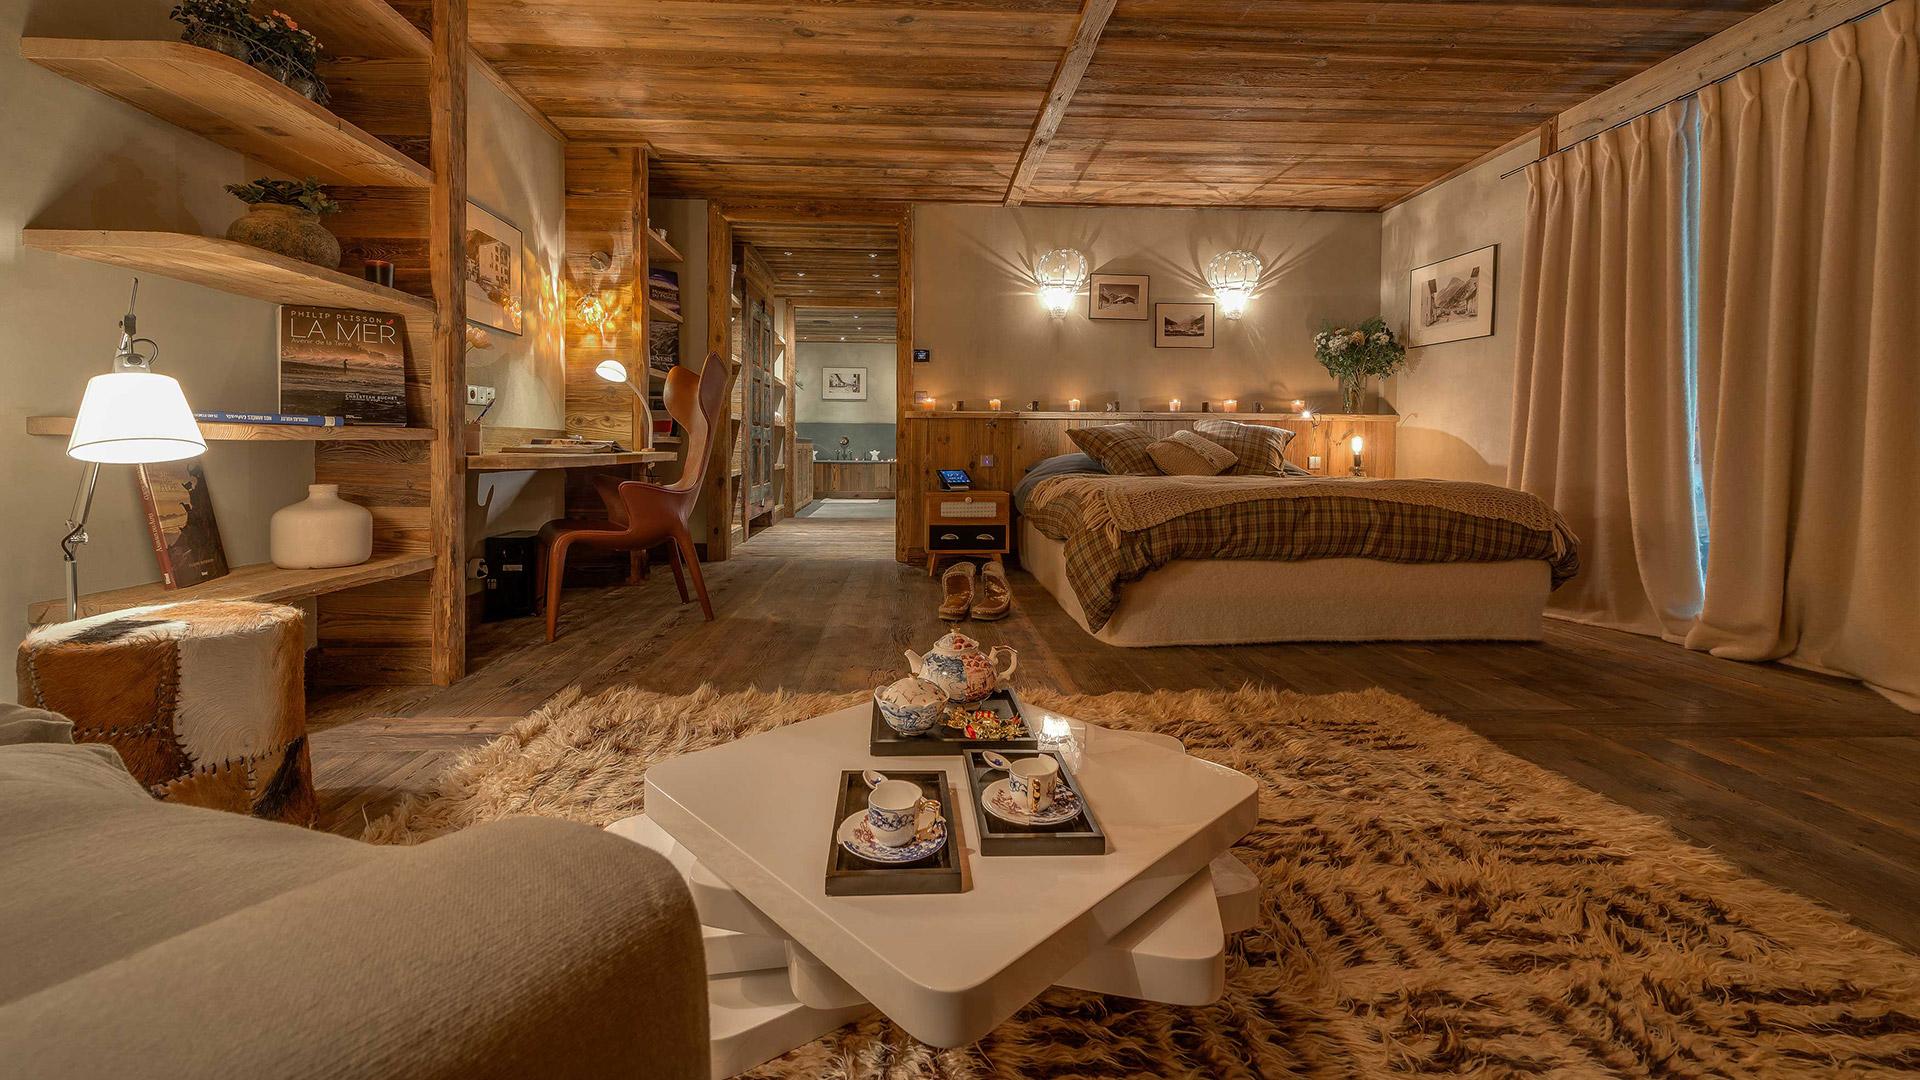 Legattaz 2 Apartments, France